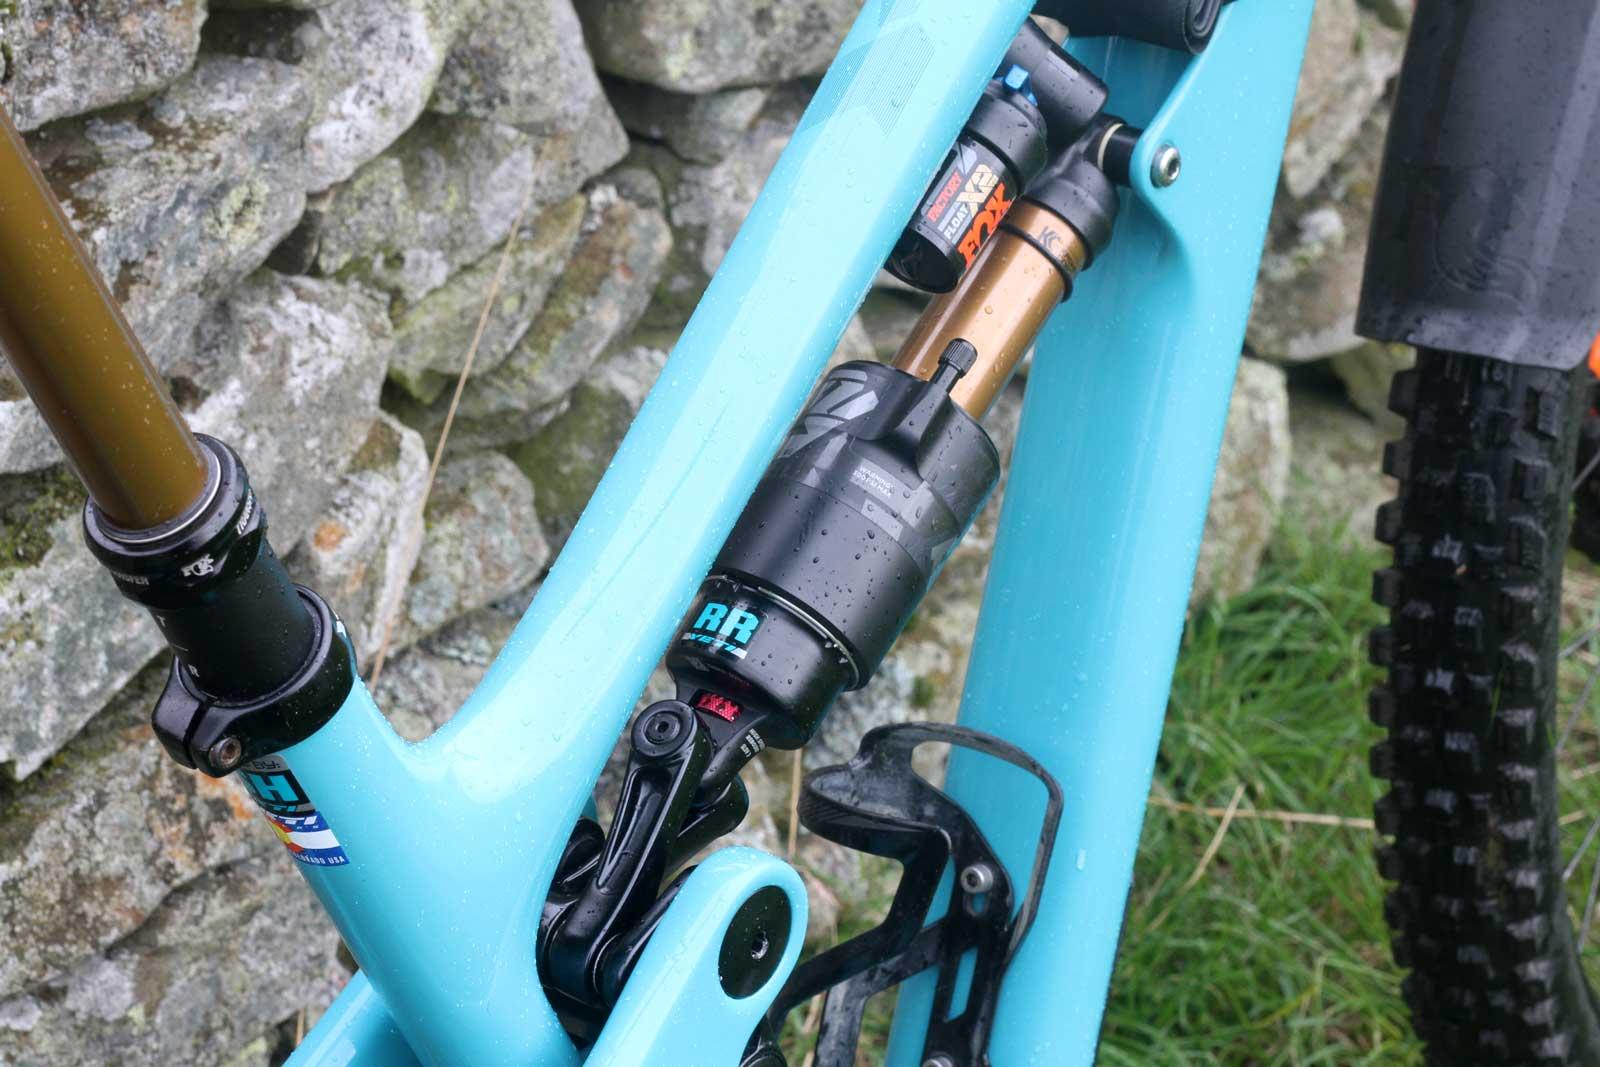 richie rude yeti sb150 pro bike check ews tweed valley fox x2 air shock settings